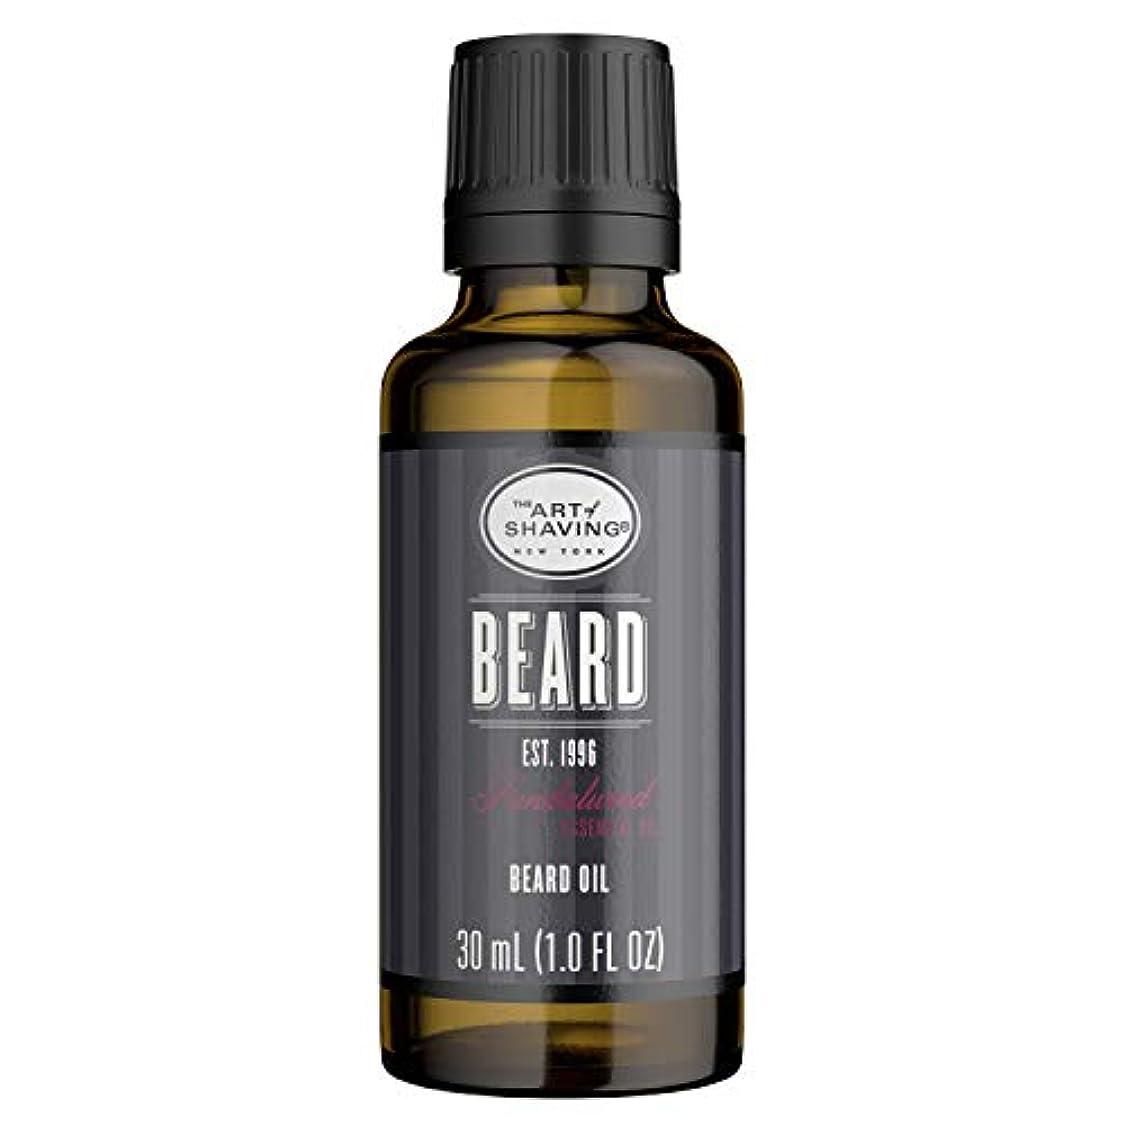 ルートキウイ野なアートオブシェービング Beard Oil - Sandalwood Essential Oil 30ml/1oz並行輸入品